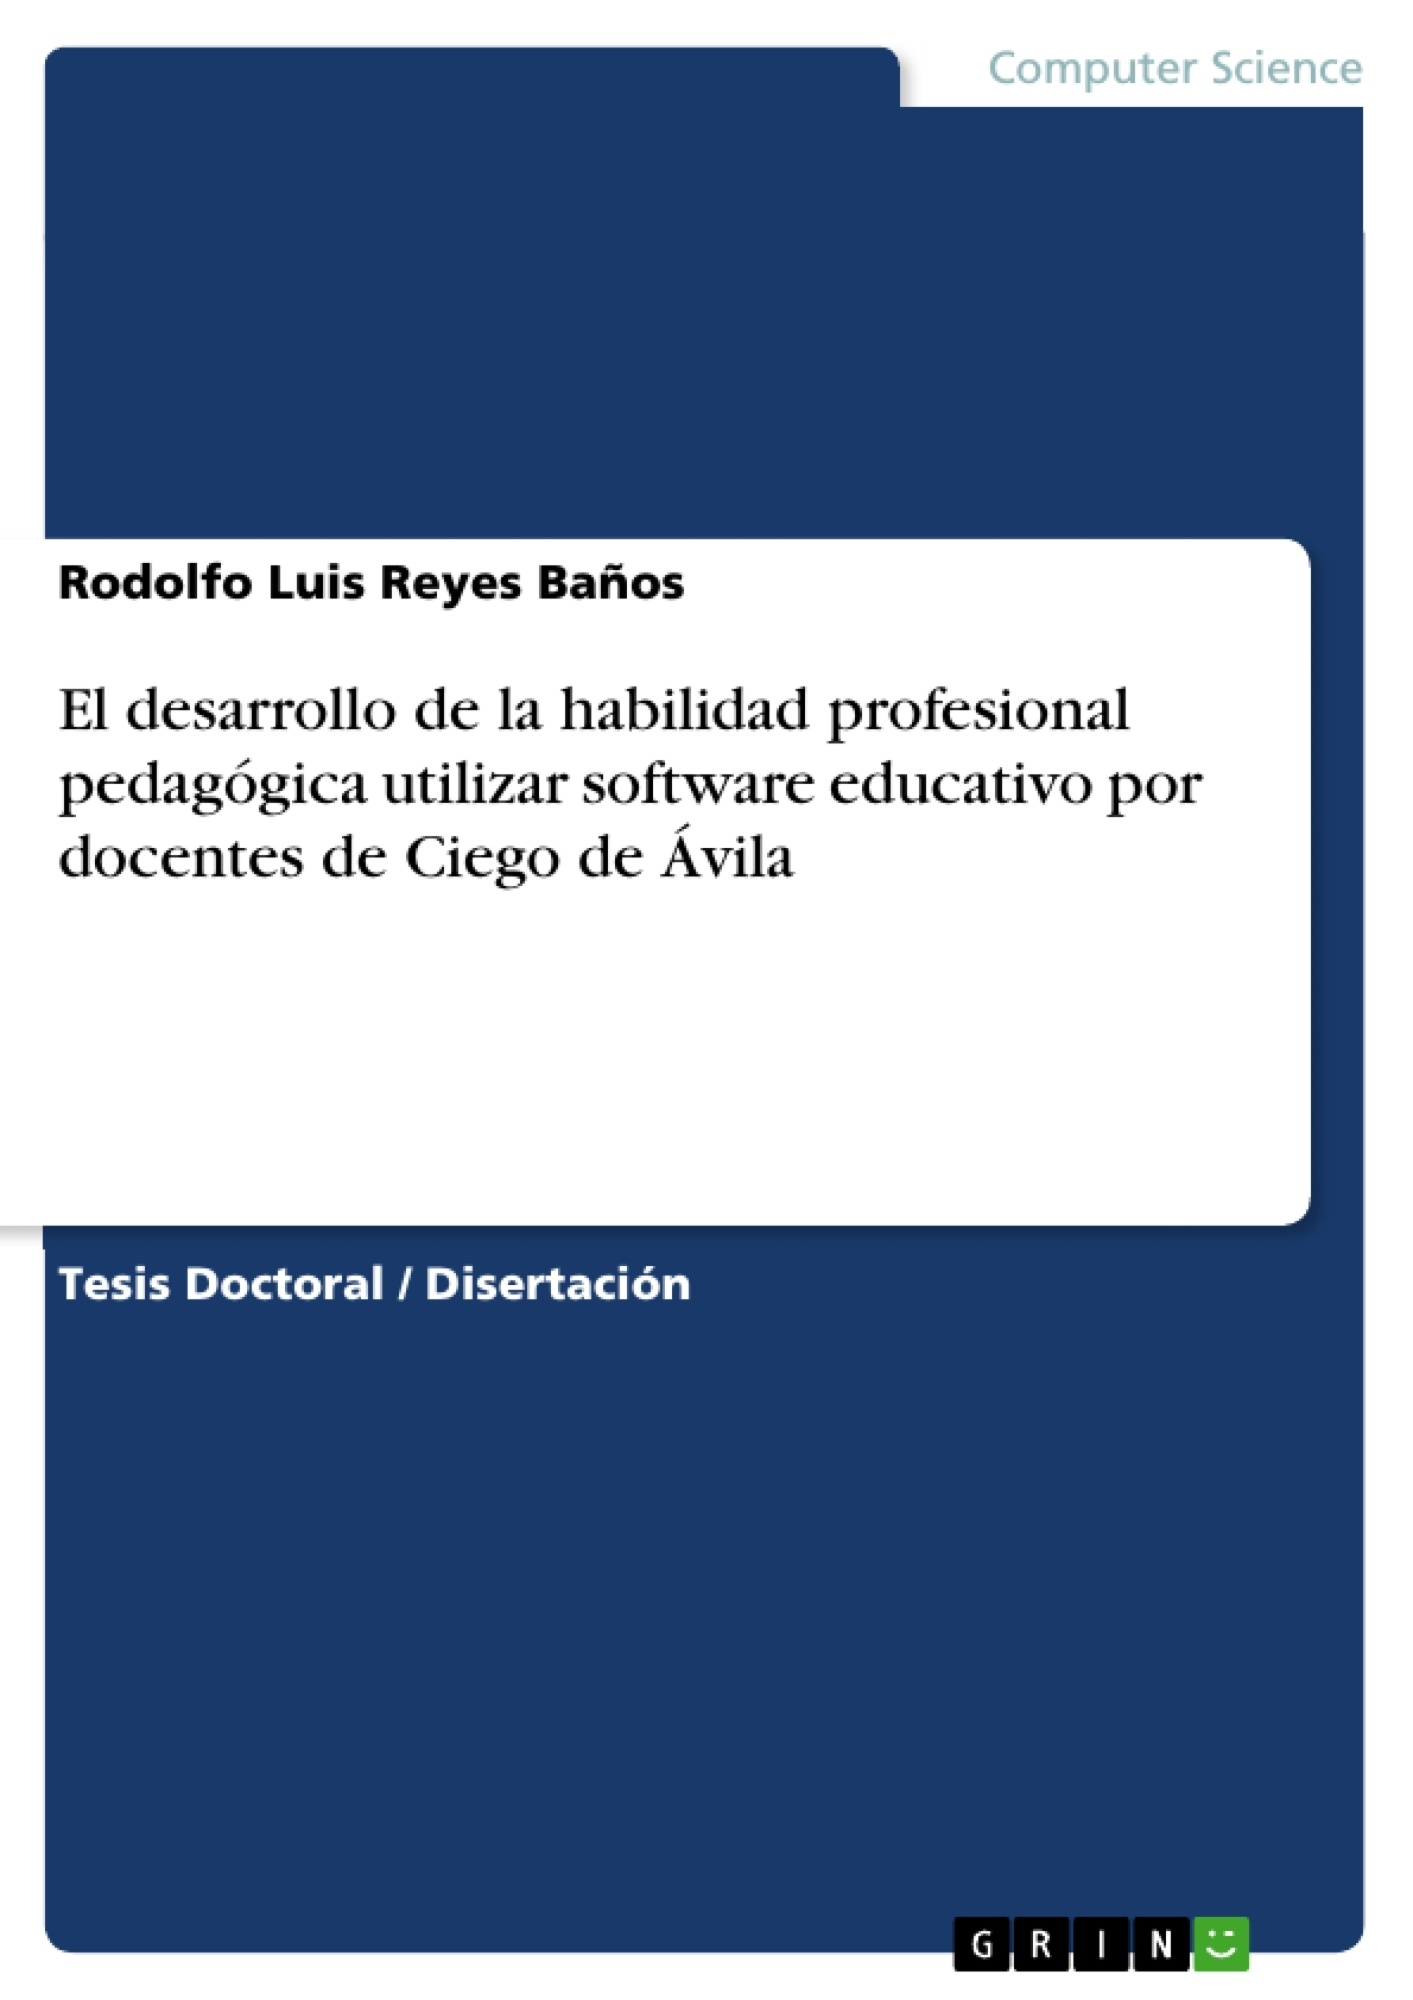 Título: El desarrollo de la habilidad profesional pedagógica utilizar software educativo por docentes de Ciego de Ávila